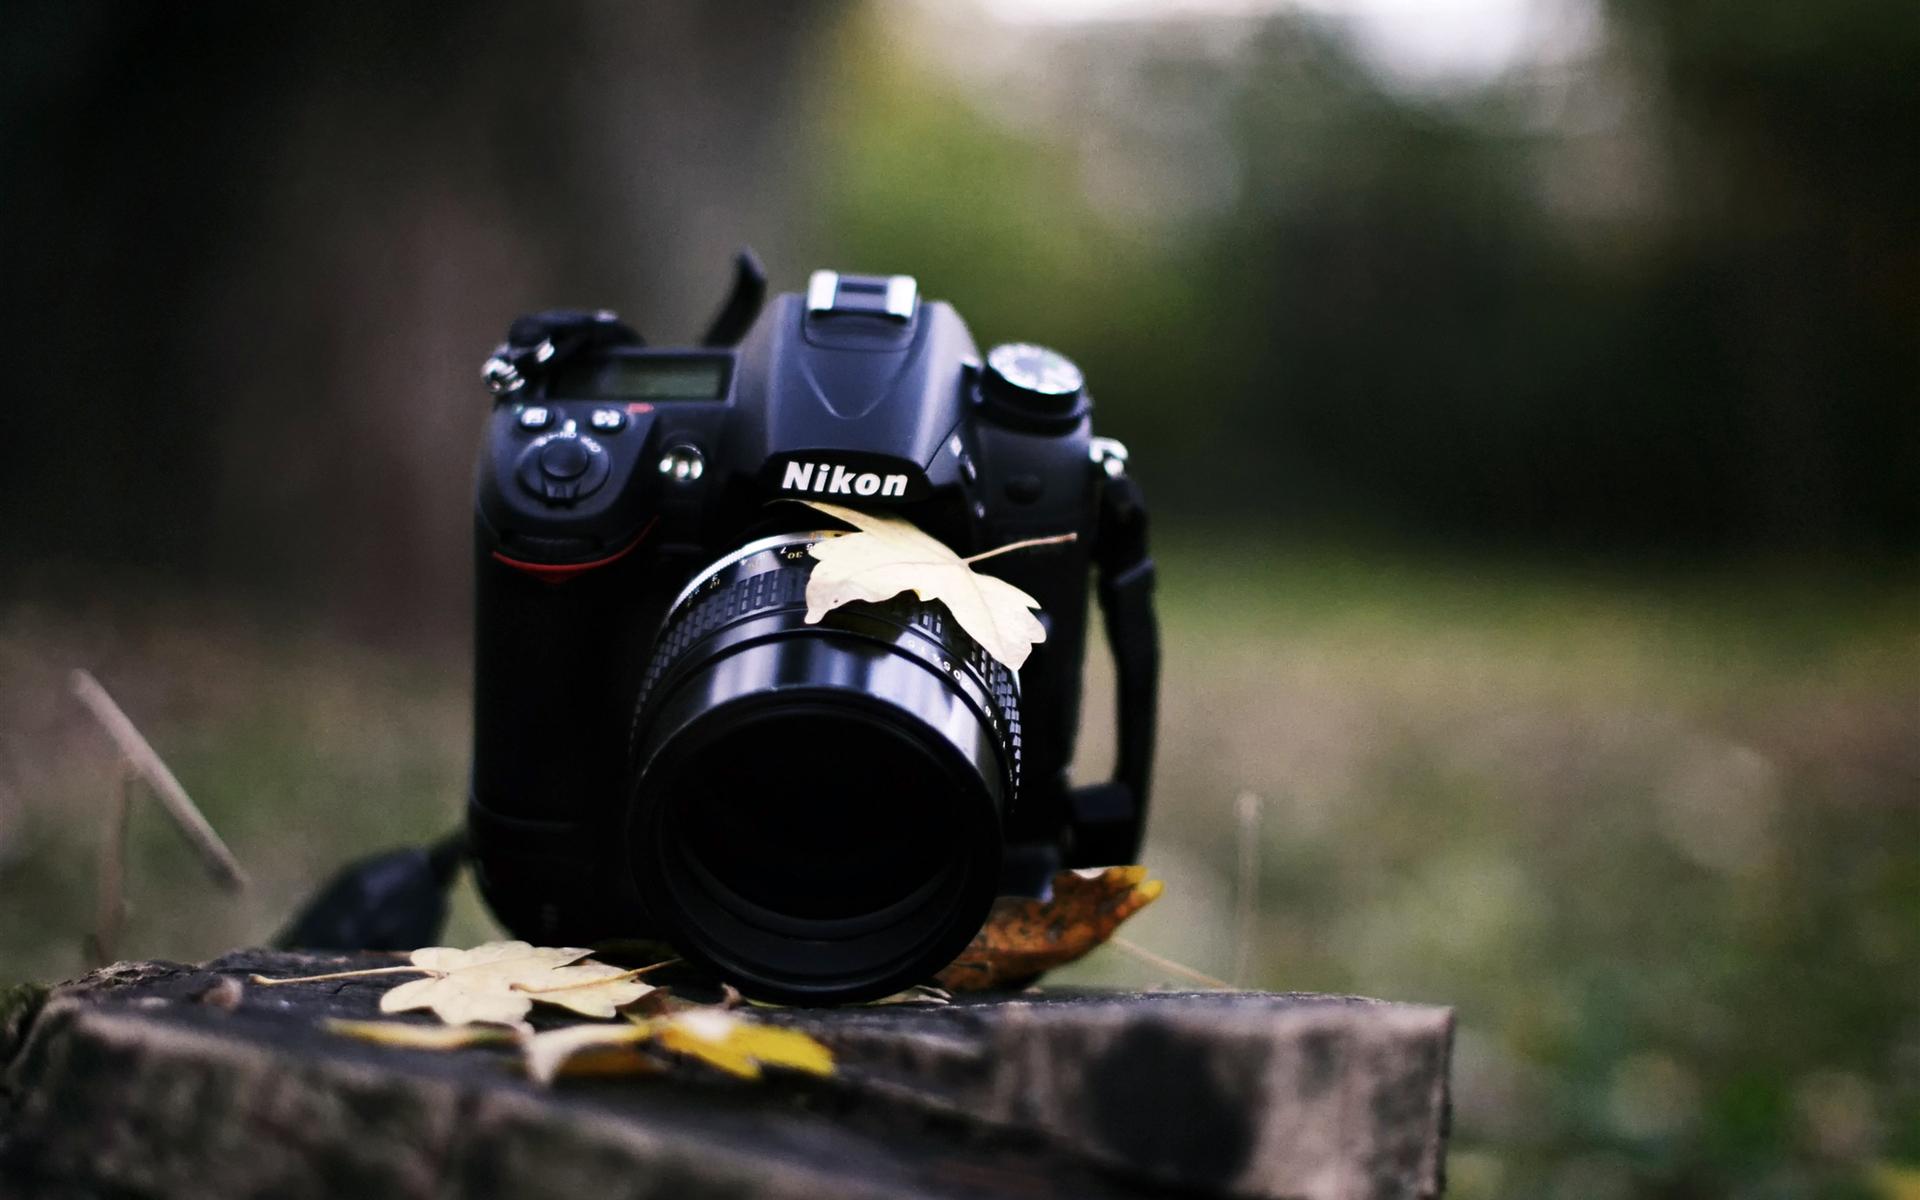 Фотоаппарат Nikon старый  № 3624430  скачать